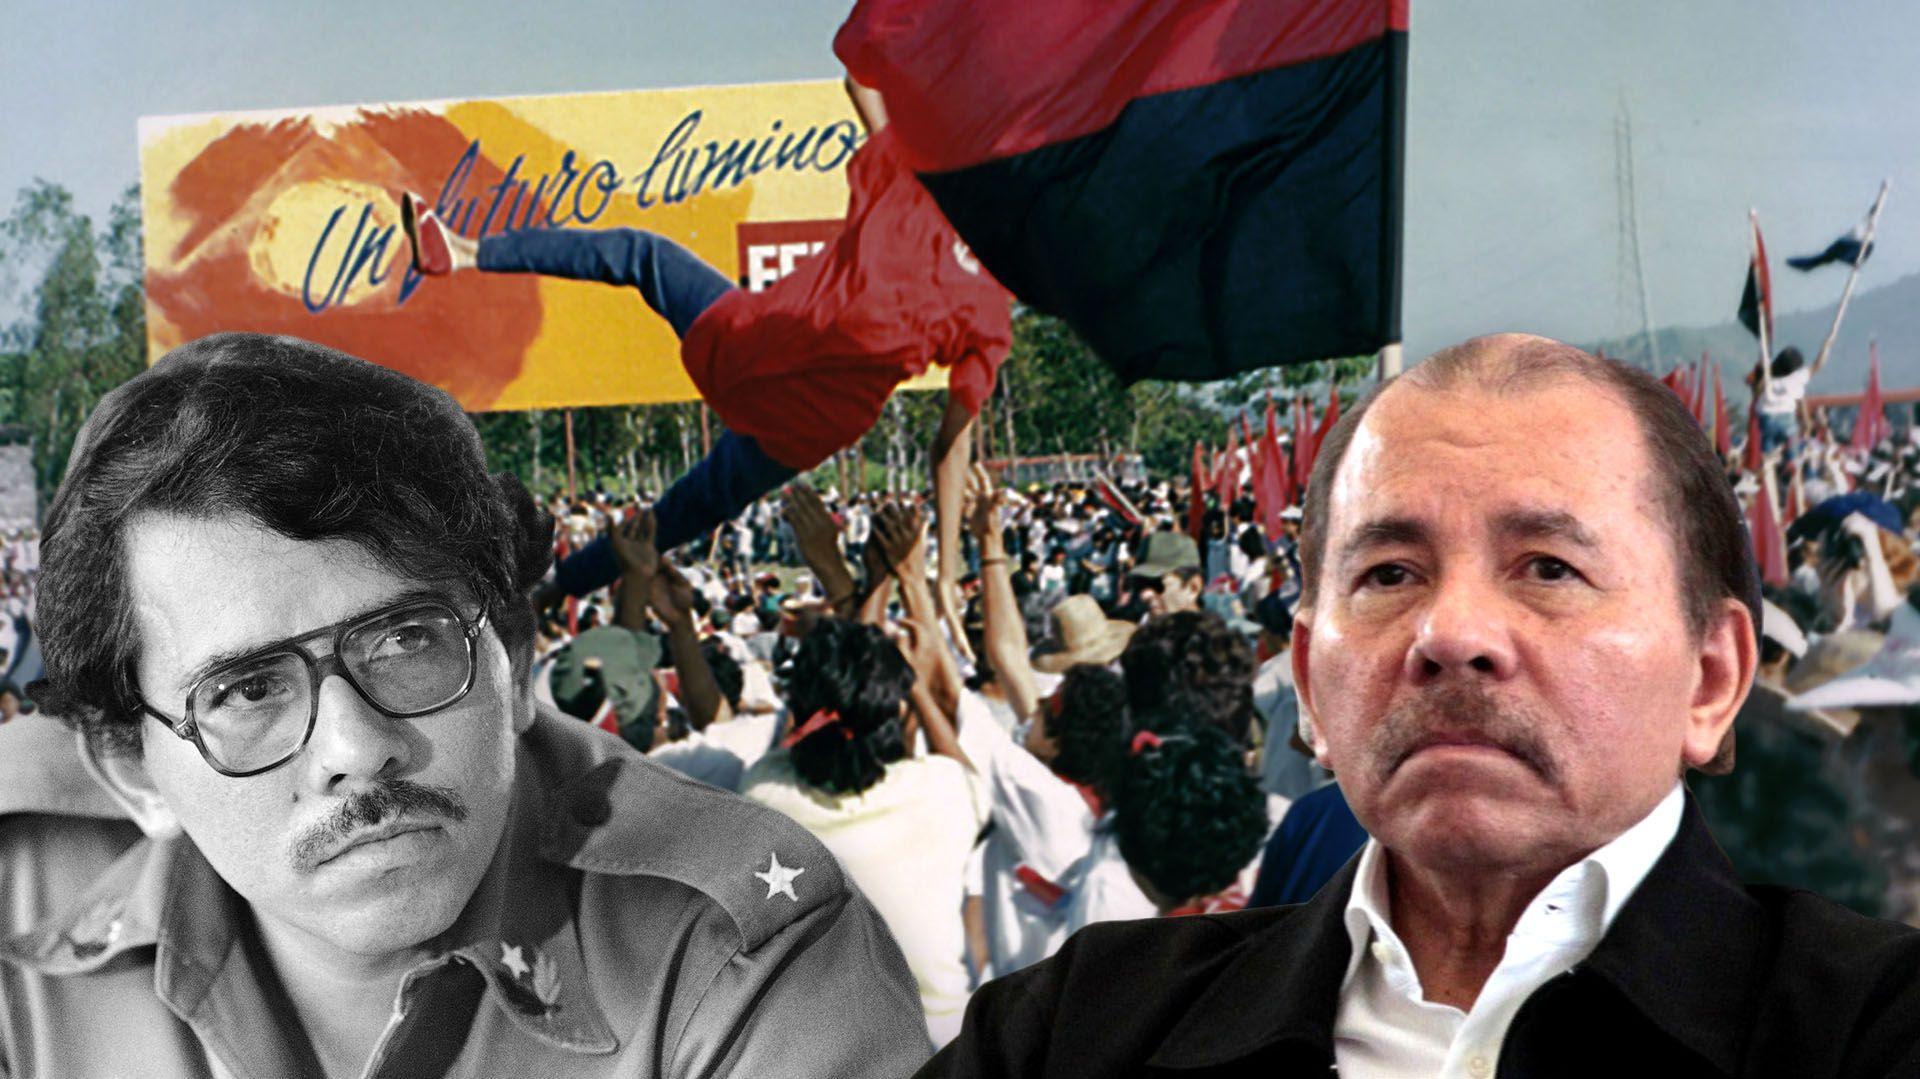 Daniel Ortega, de ser uno de los líderes de la revolución a liderar un régimen autoritario cada vez más brutal